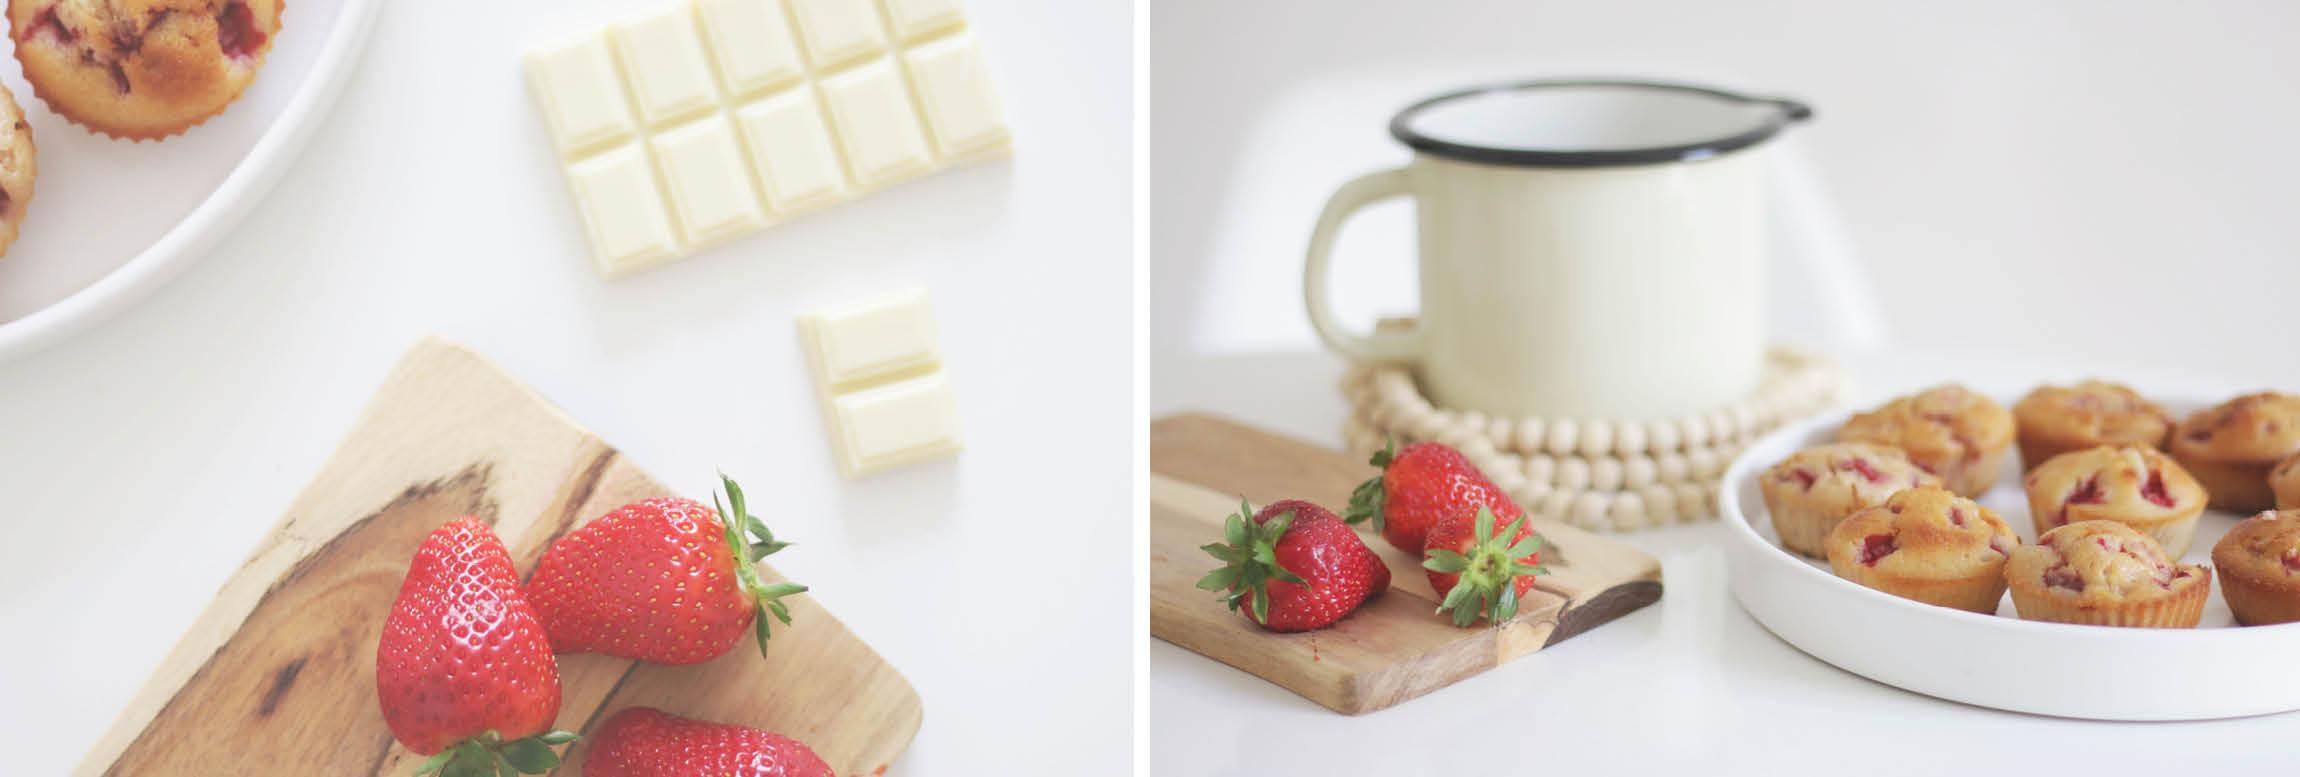 recette-muffins-fraises